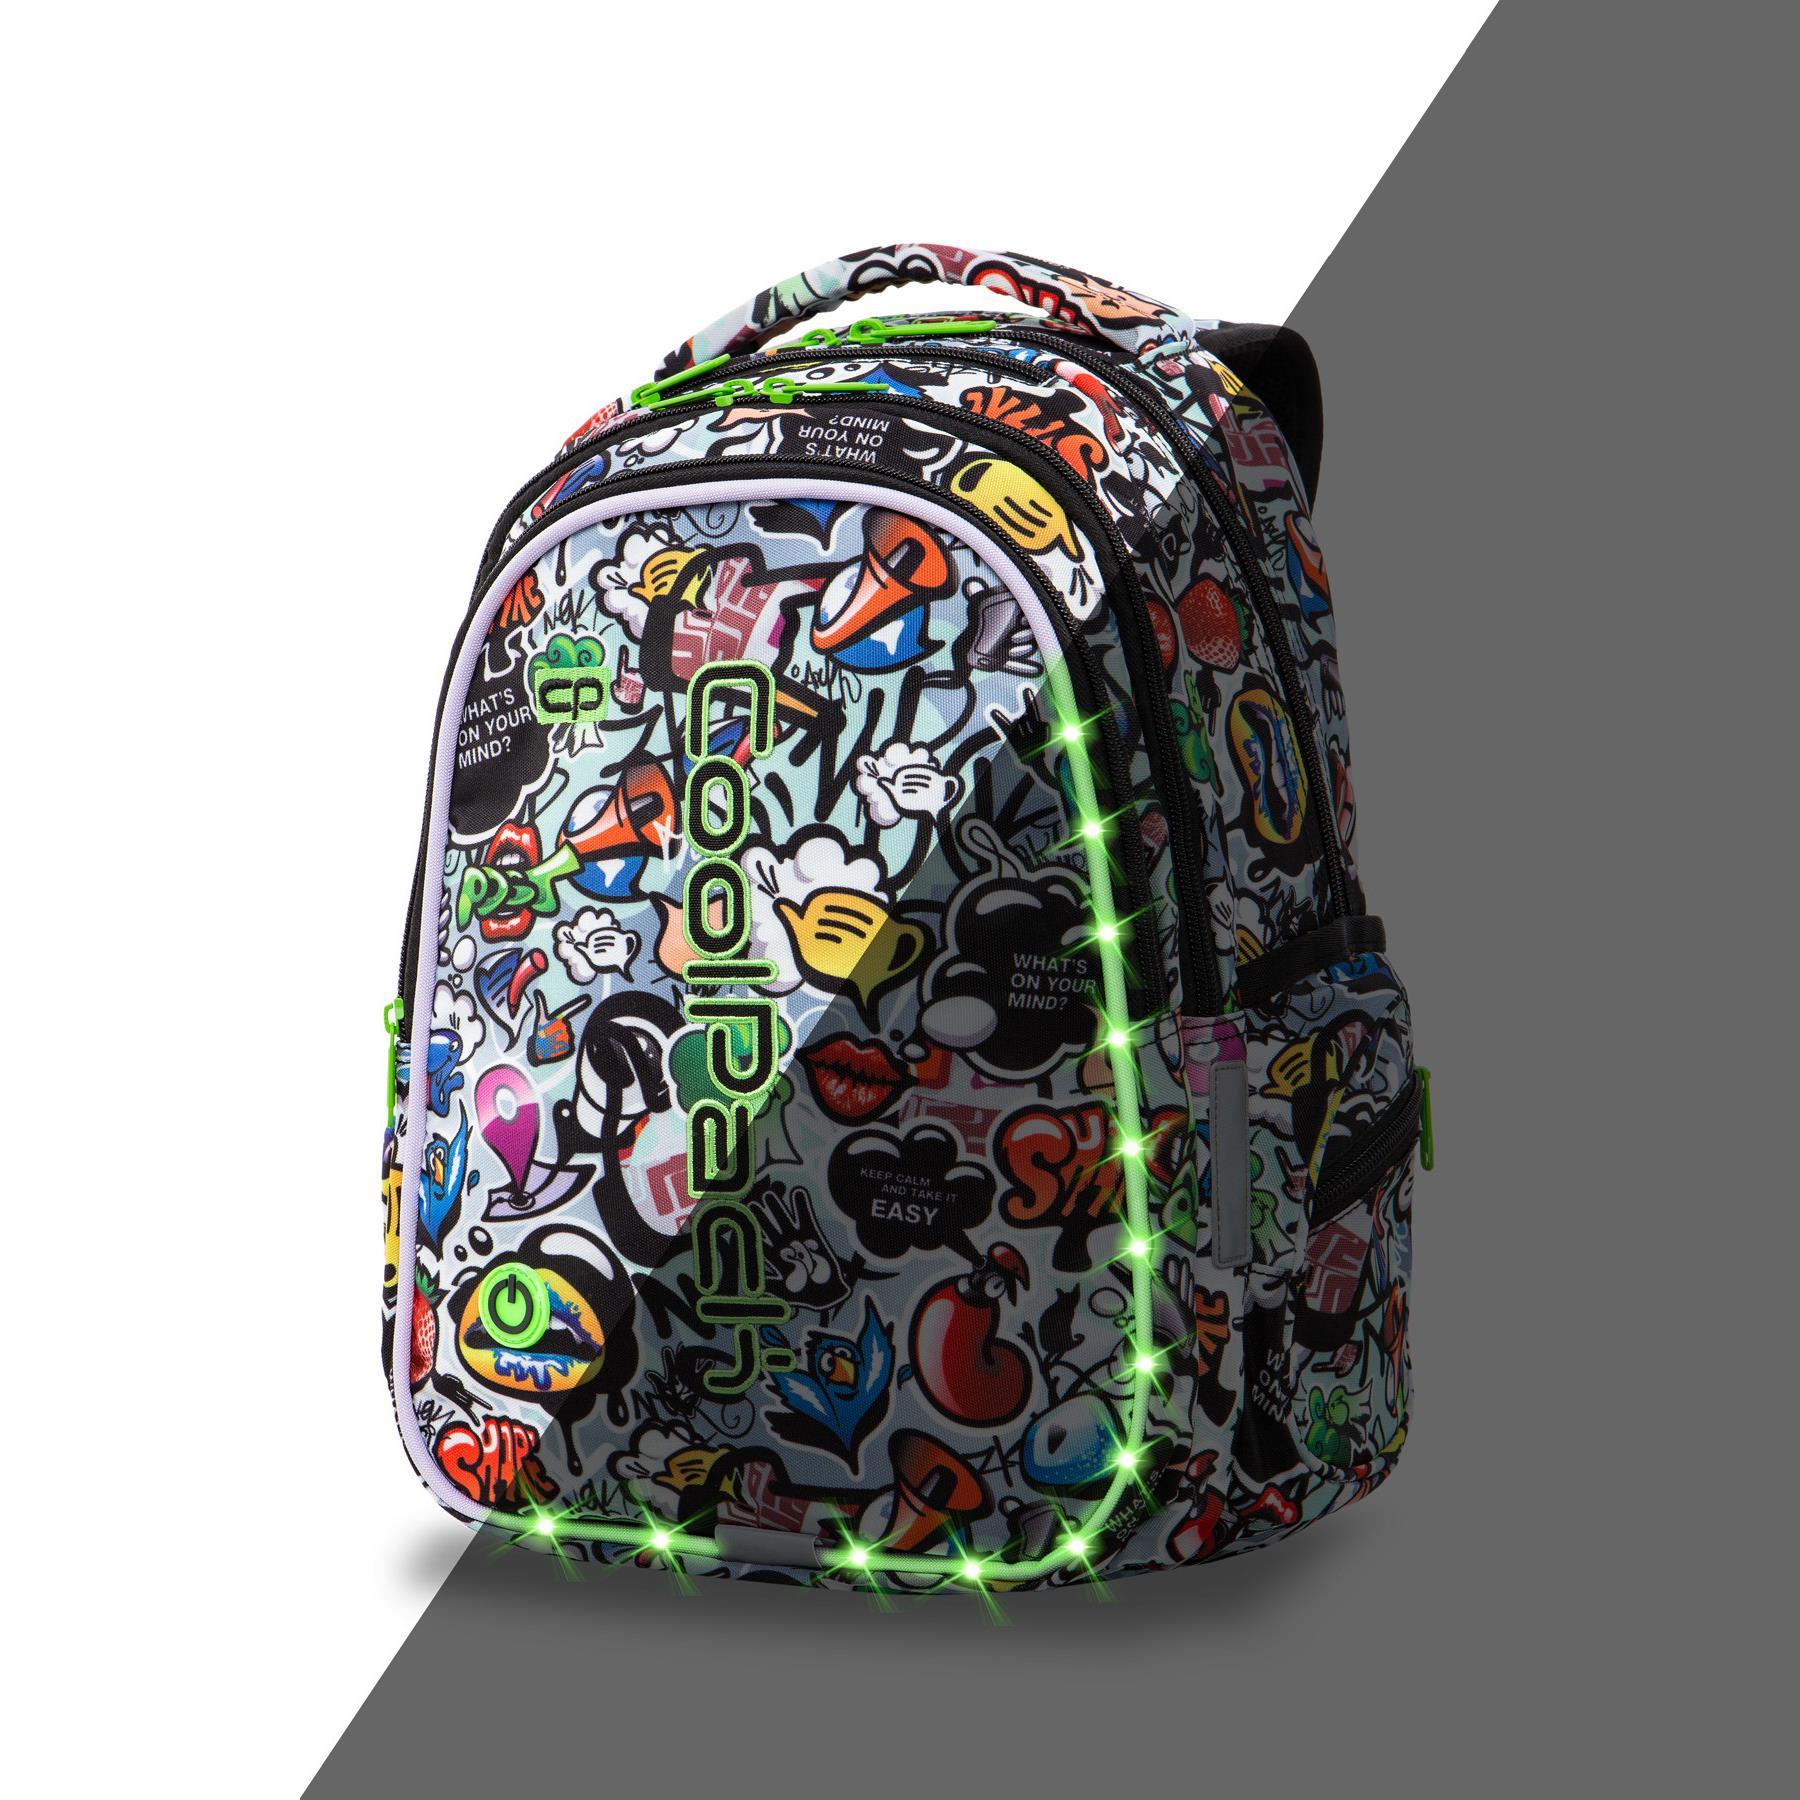 Świecący plecak LedPack by CoolPack